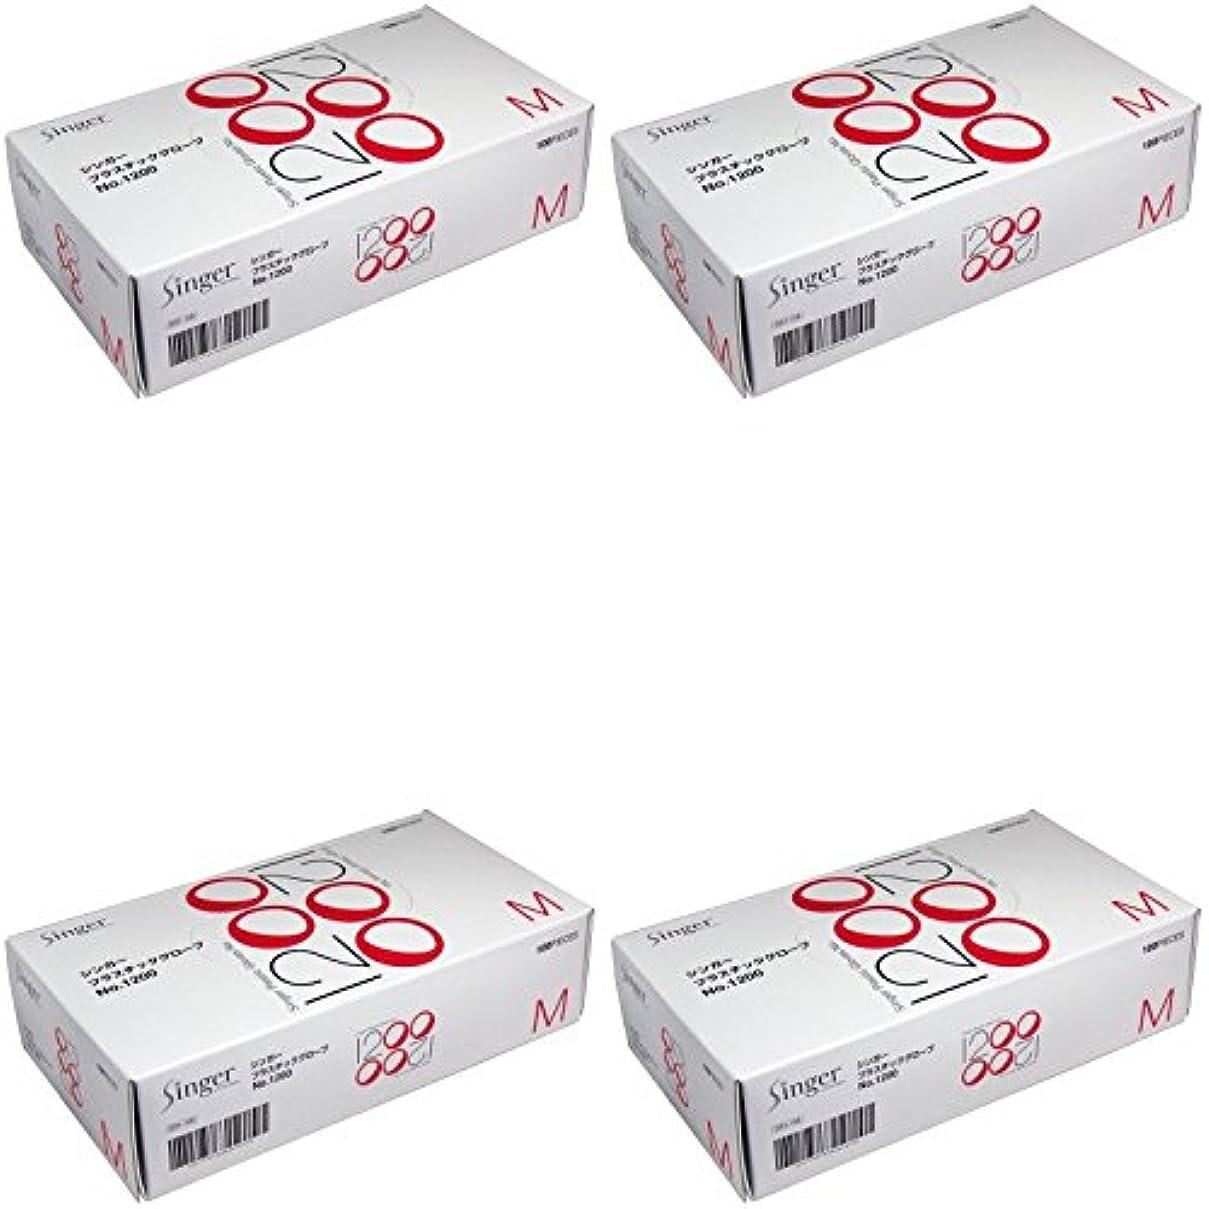 磁気継続中みすぼらしい【まとめ買い】シンガー プラスチックグローブ №1200 Mサイズ 100枚入【×4個】